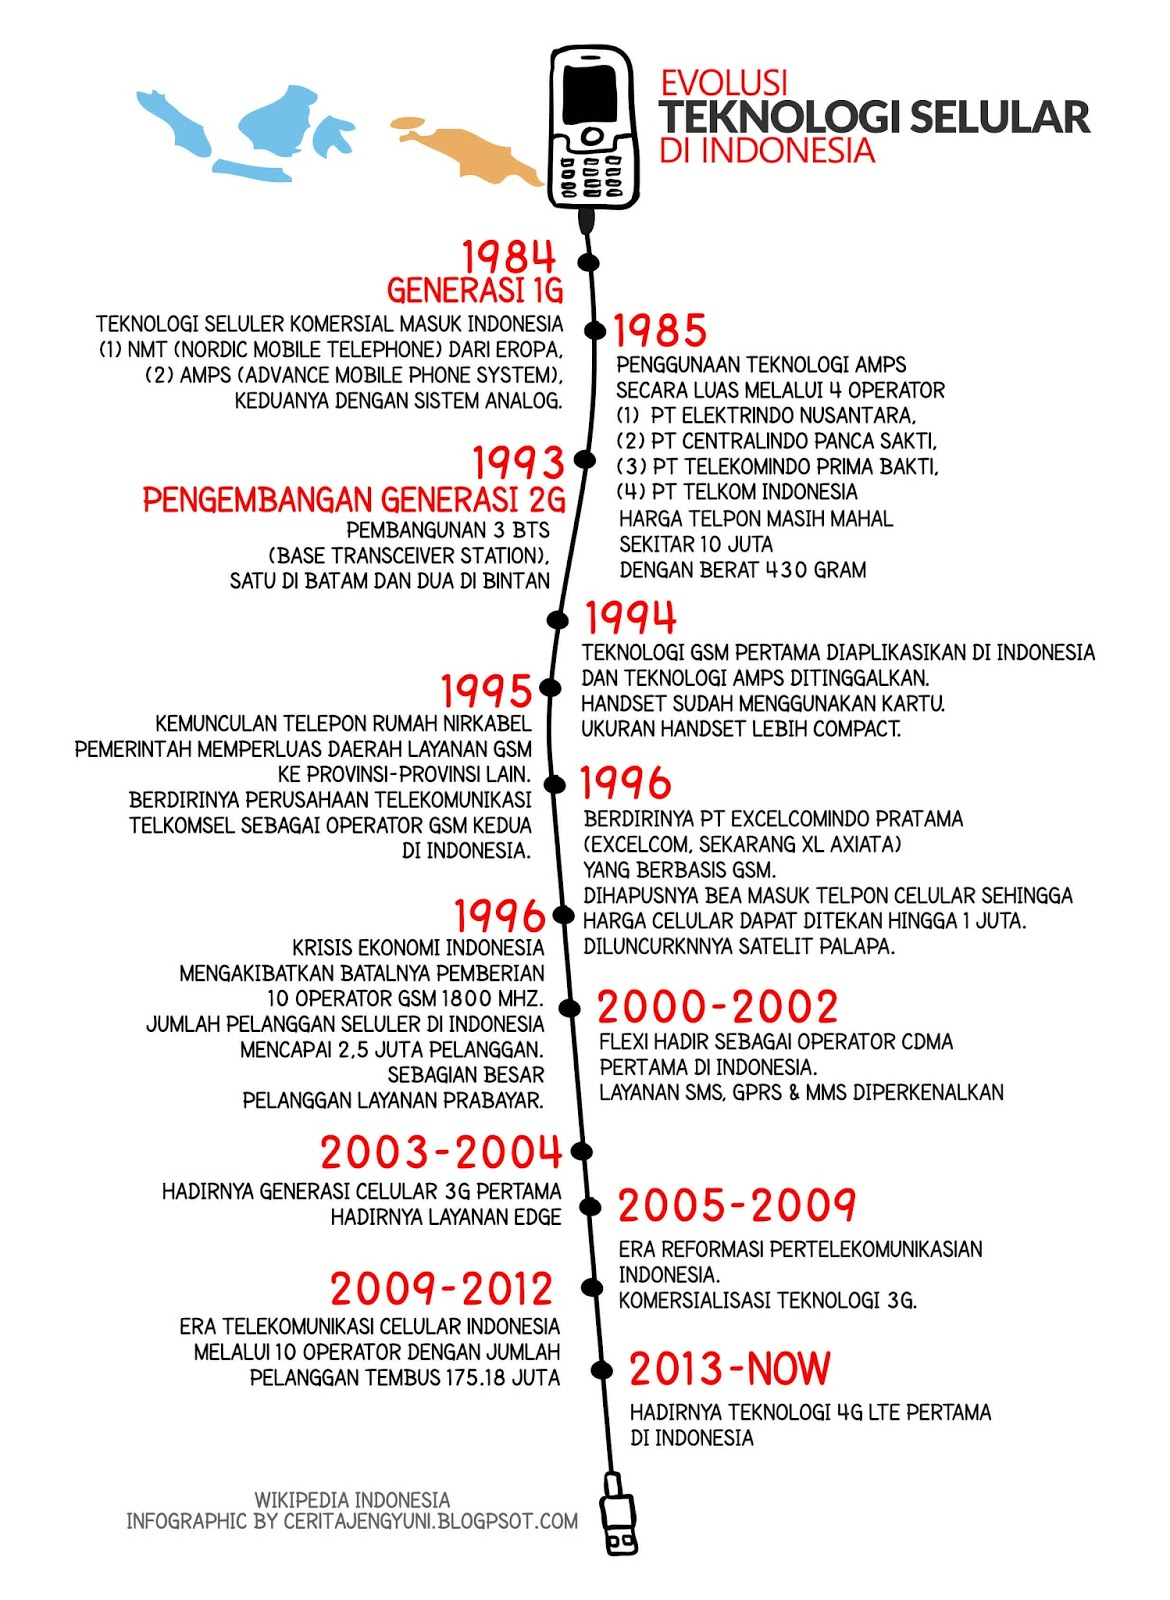 Infografis Teknologi Seluler